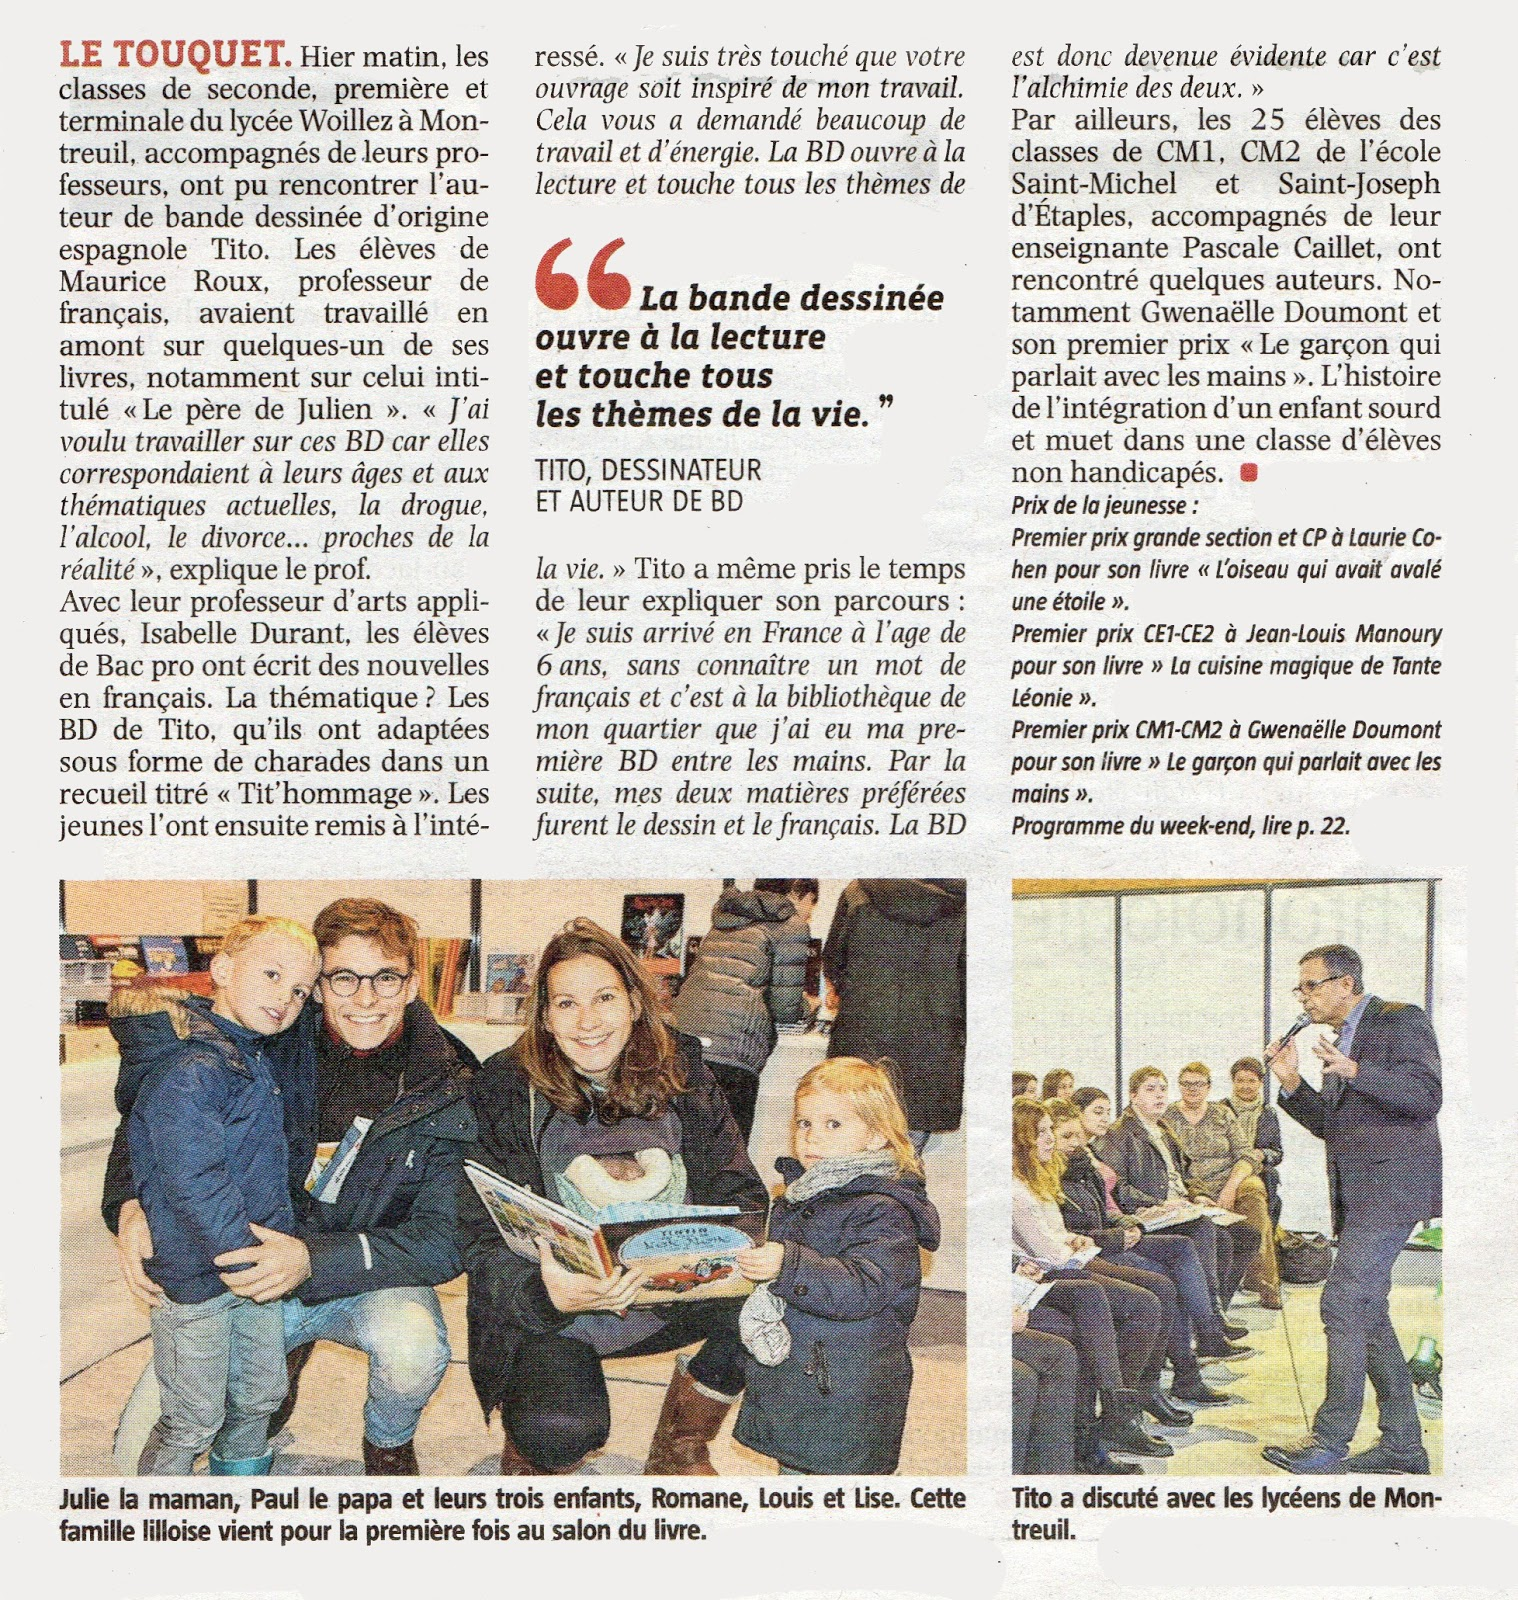 Les bd de tito salon du livre du touquet paris plage 2016 - Le salon du livre paris ...